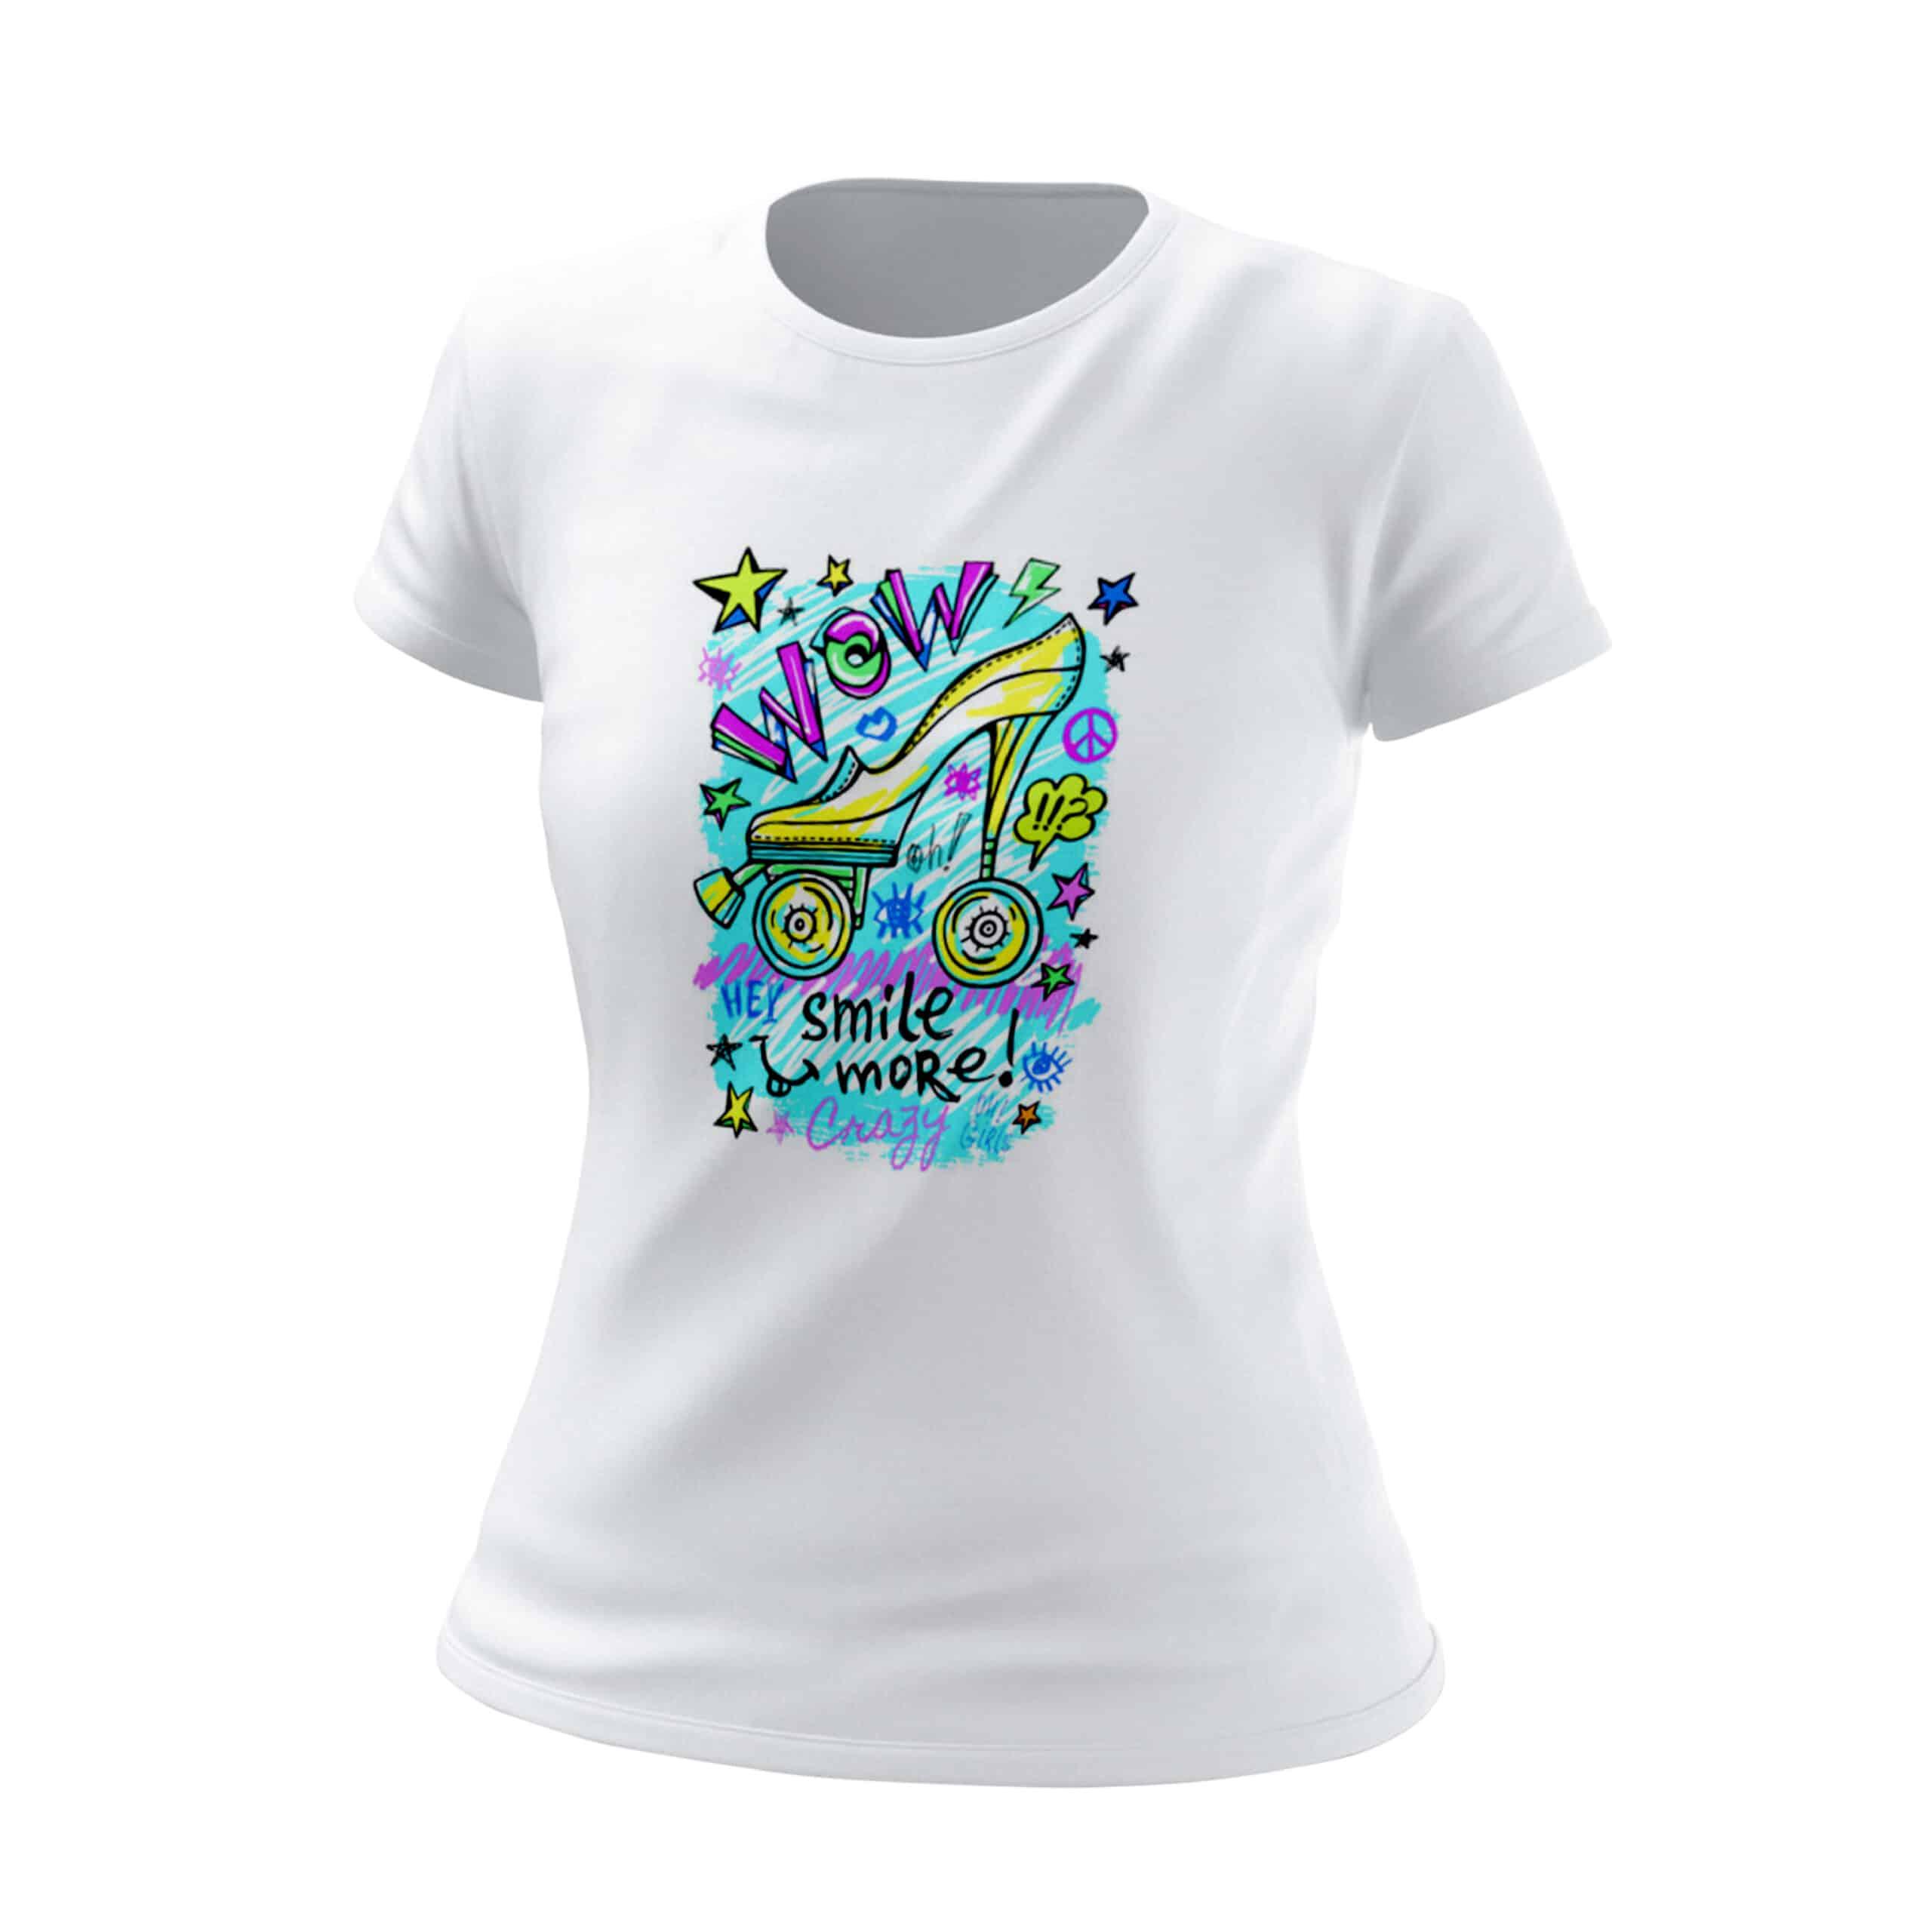 t-shirt-donna-wow